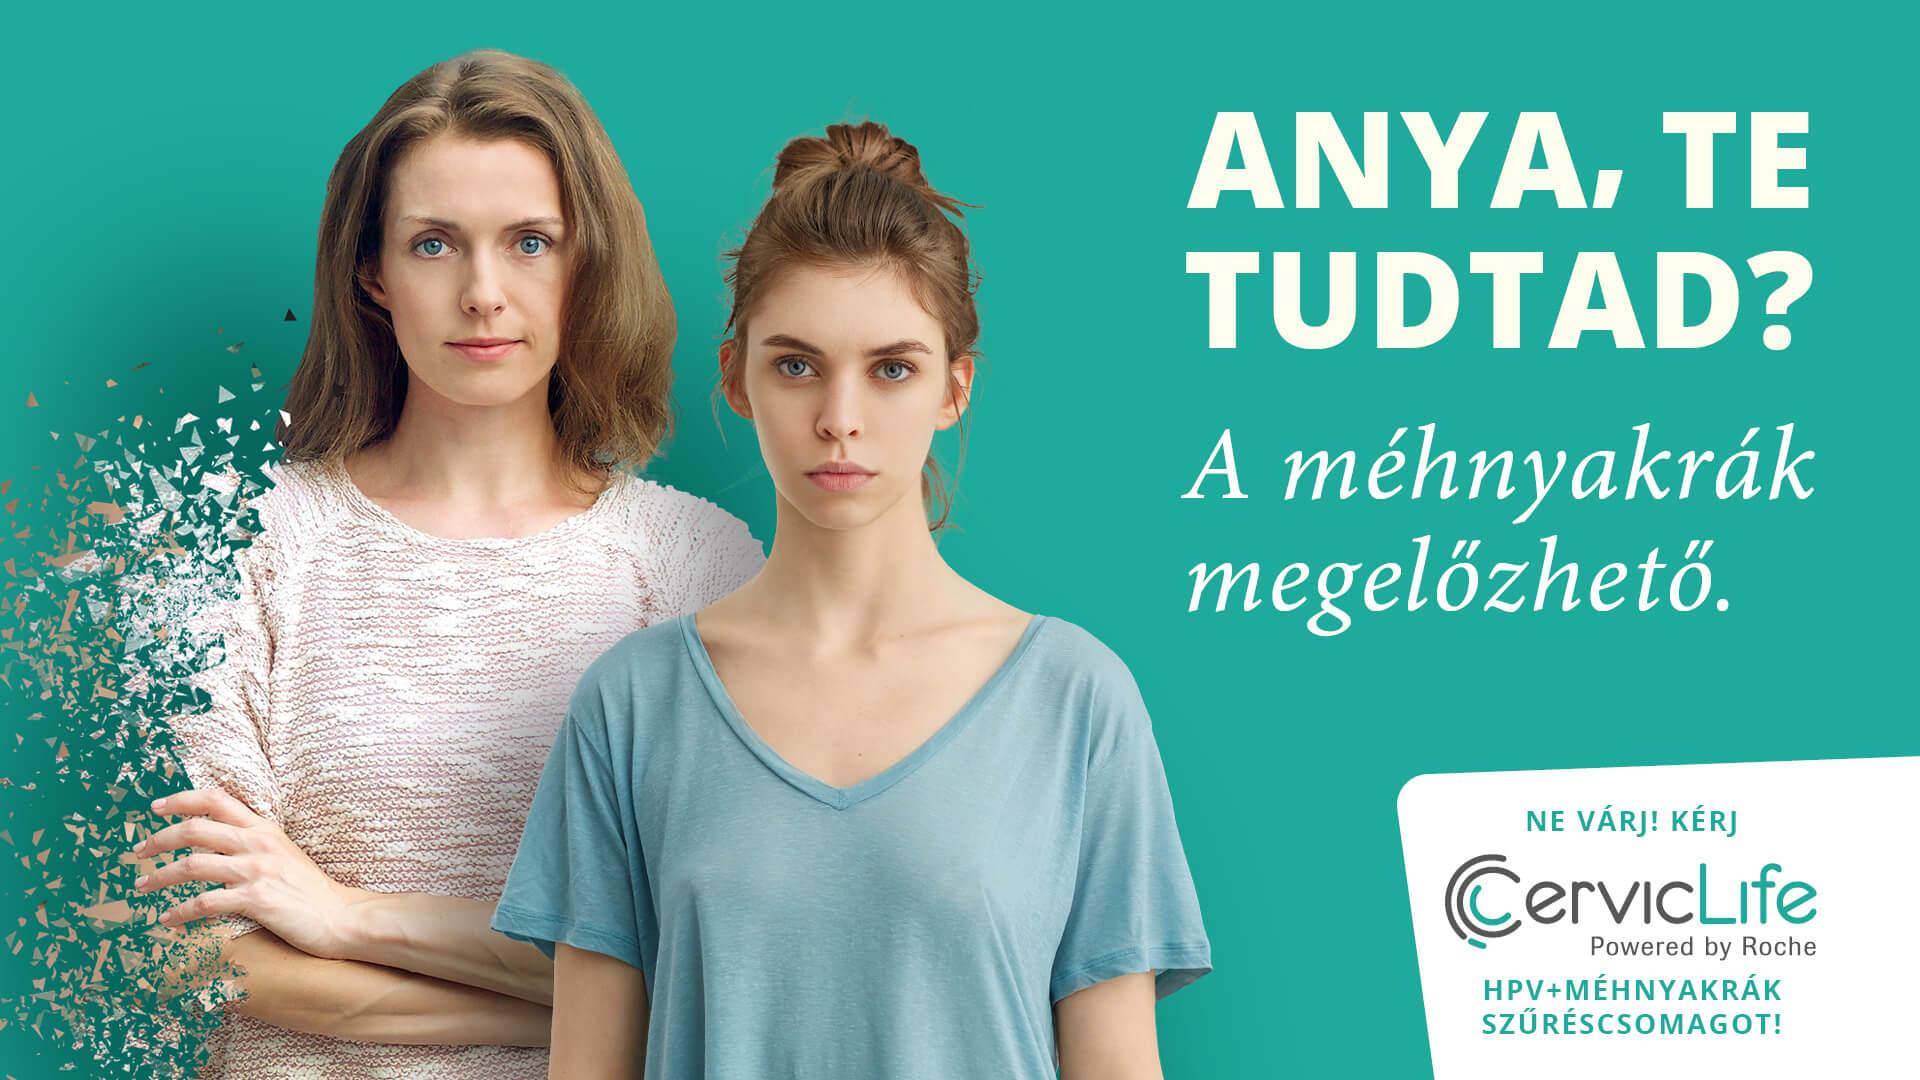 Petefészekrák | budapest-mellplasztika.hu Hpv és petefészekrák tünetei